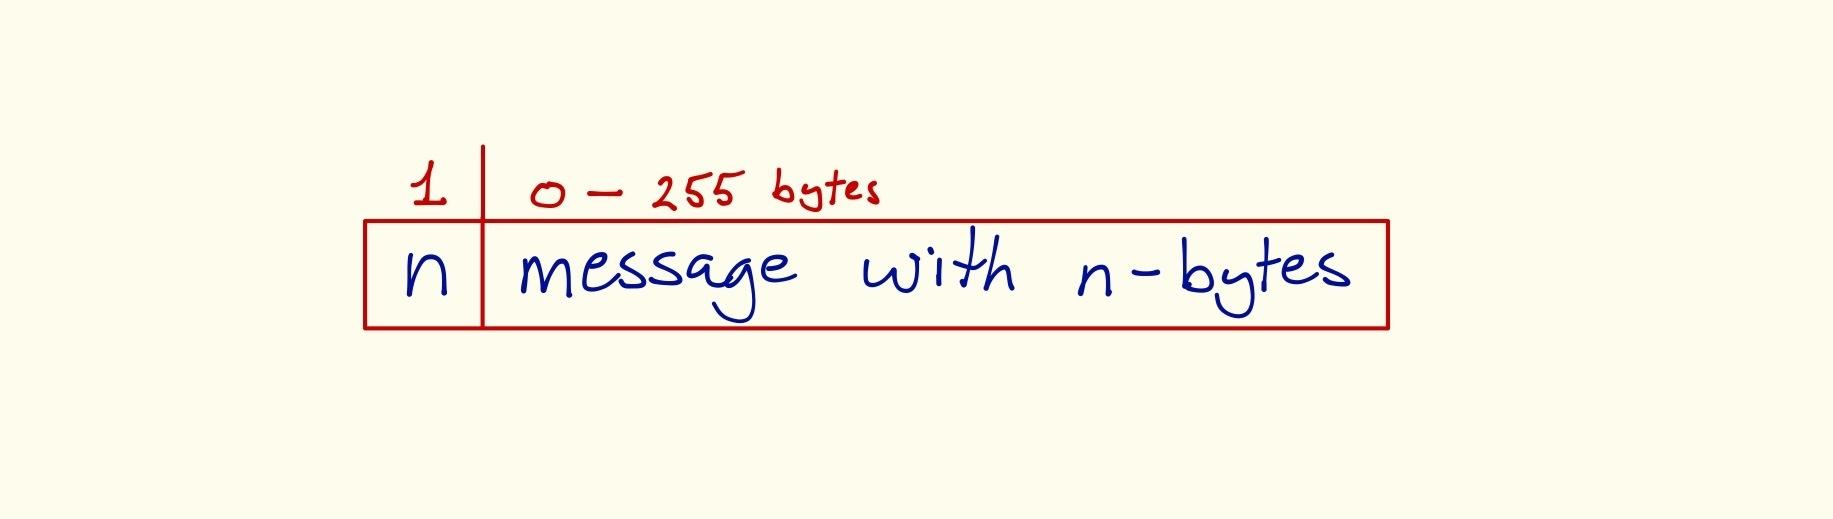 20121022-163249.jpg